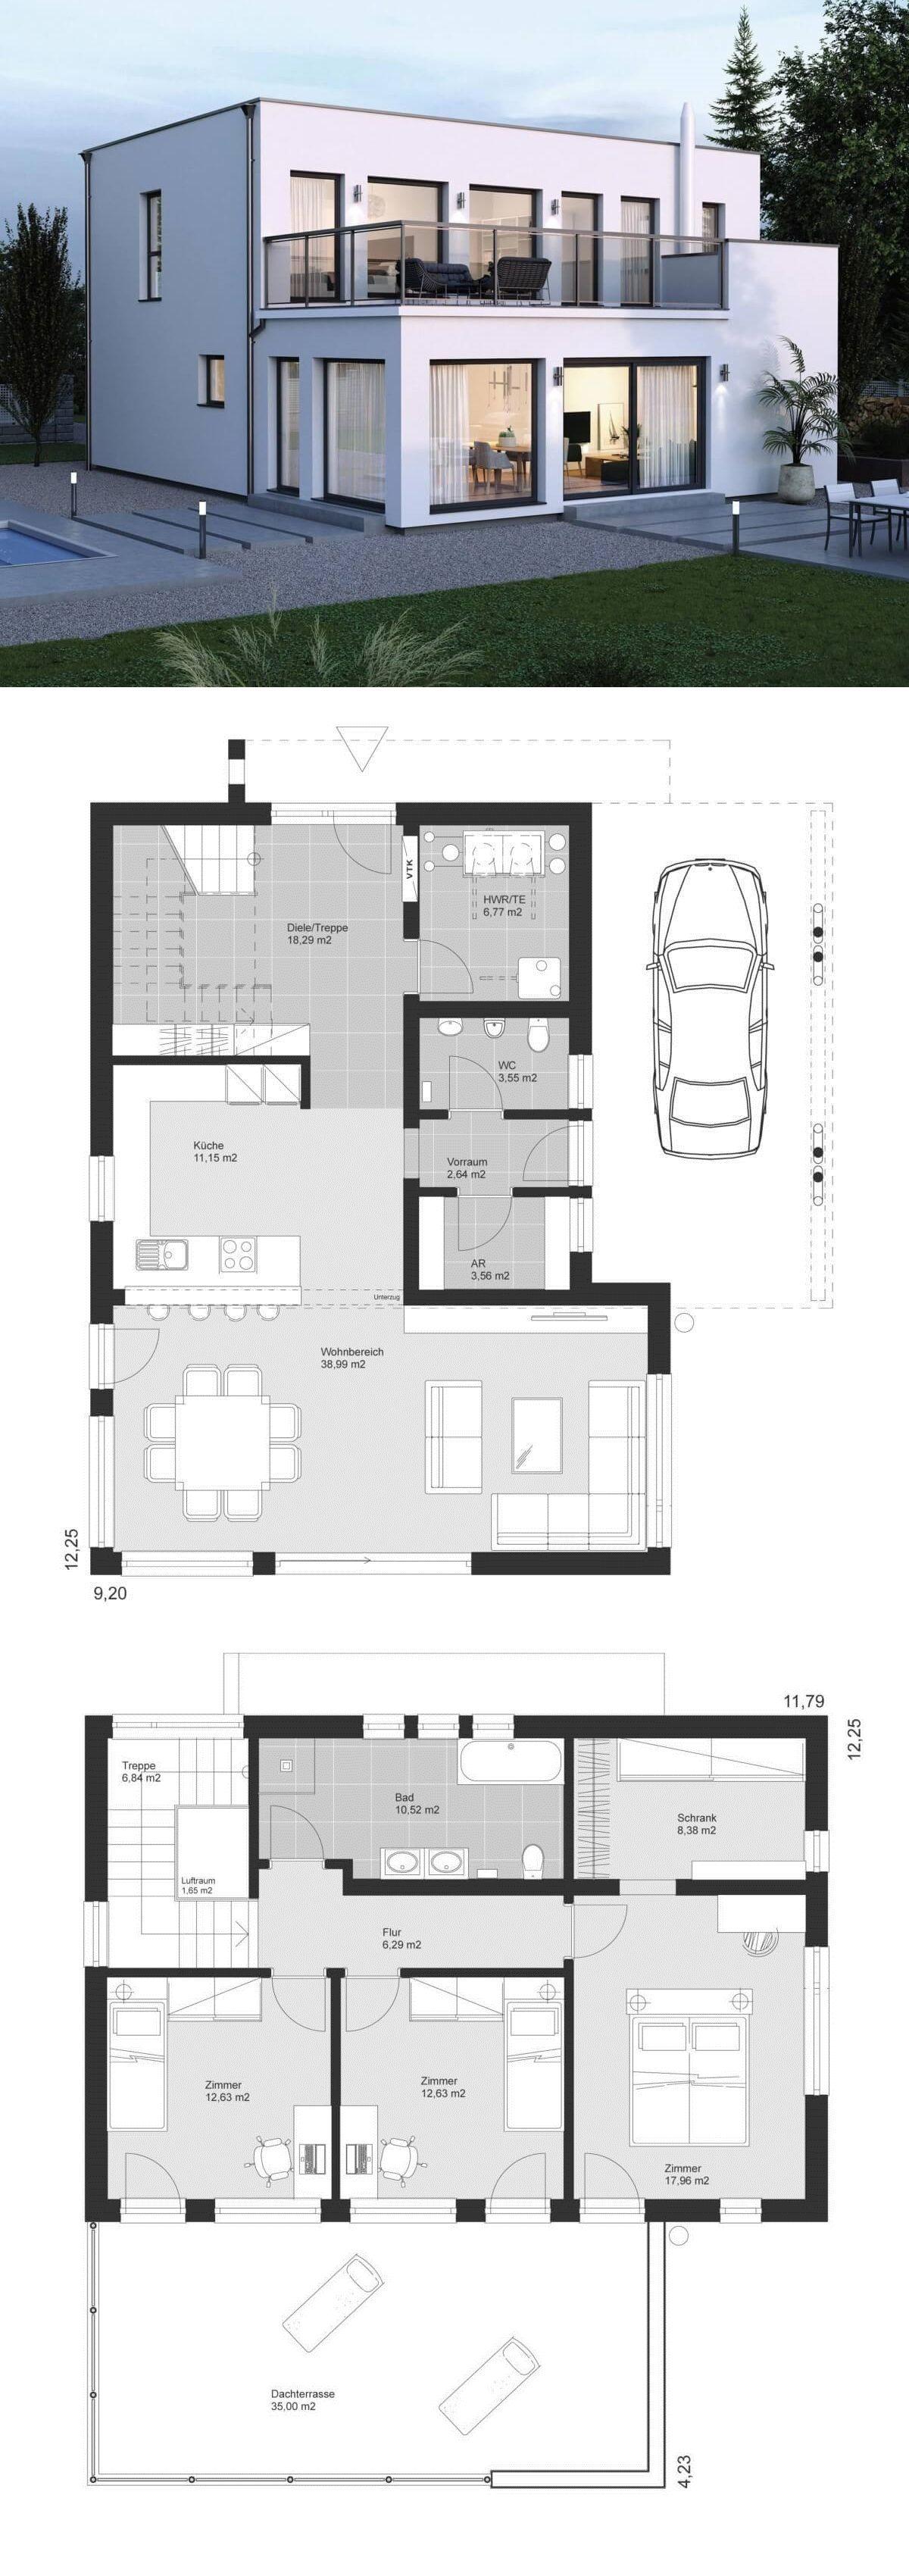 Moderne Stadtvilla Architektur Im Bauhausstil Mit Flachdach Carport